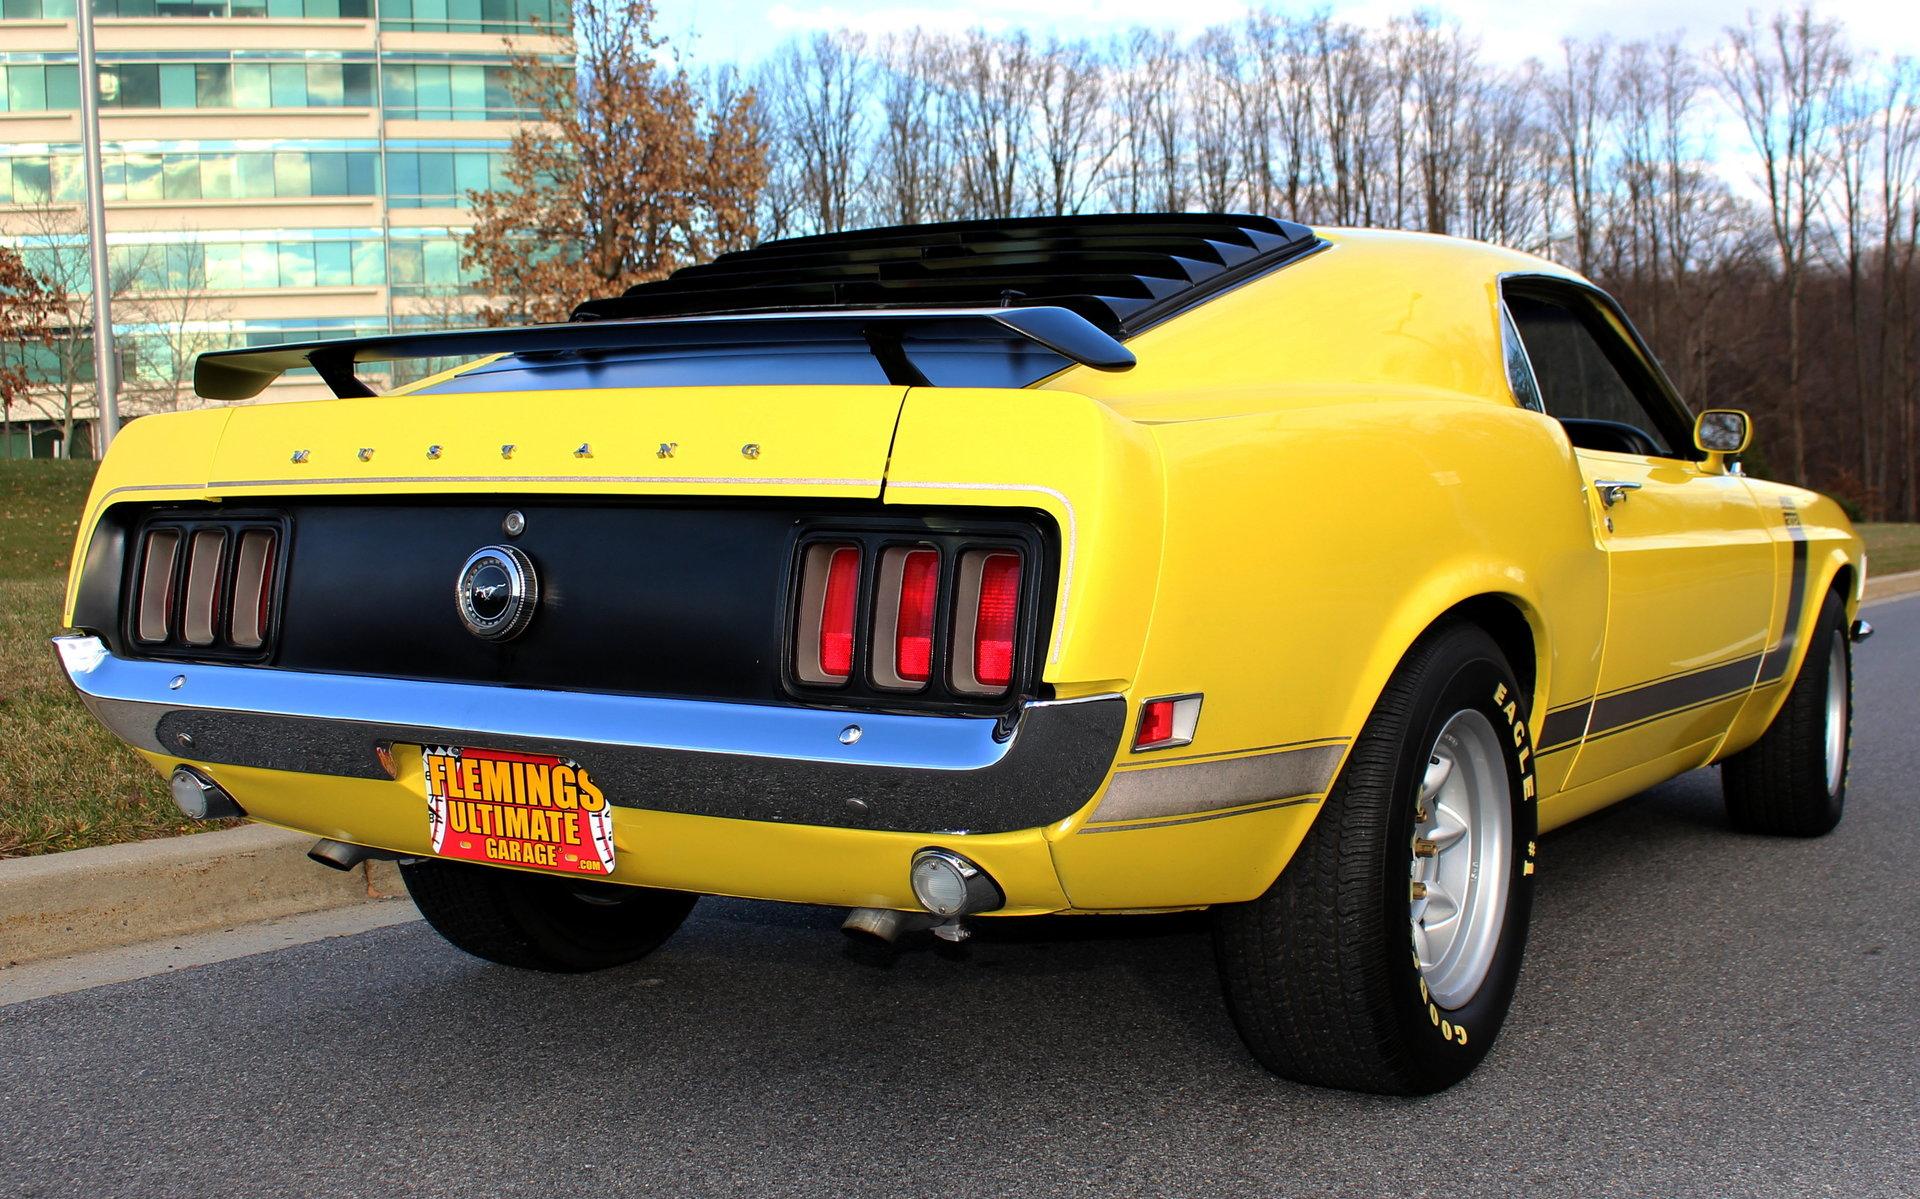 1970 ford mustang boss 302 vintage racer for sale 67820 mcg. Black Bedroom Furniture Sets. Home Design Ideas